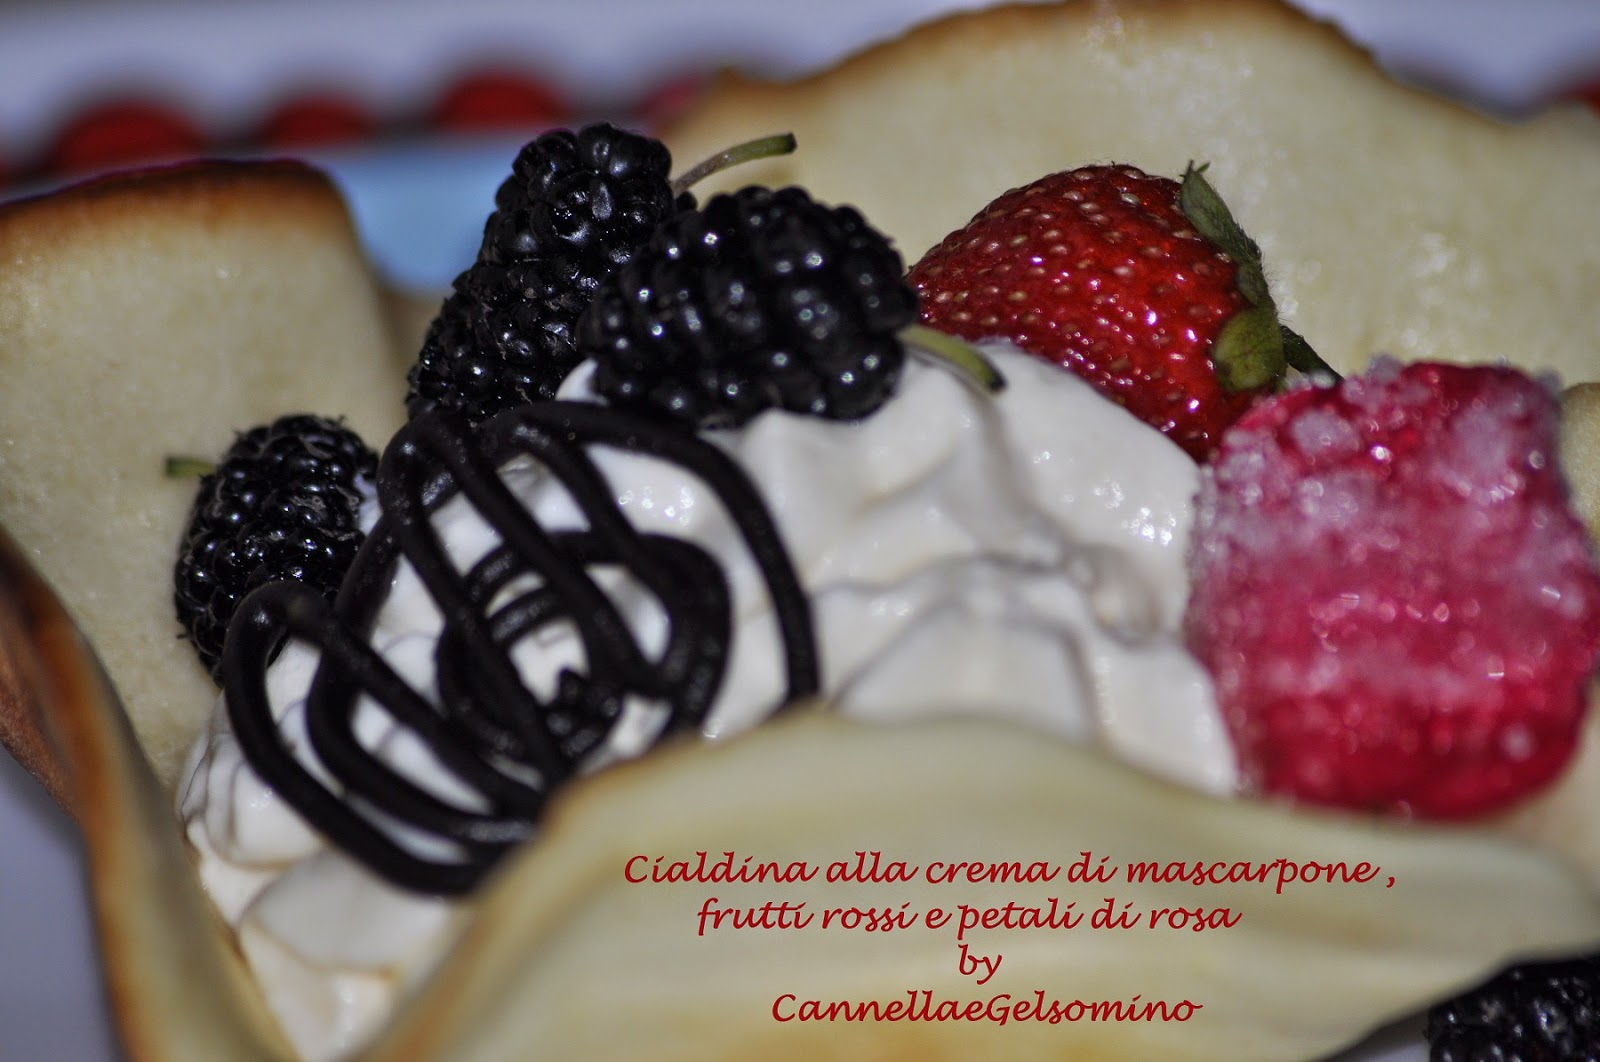 cialdina alla crema di mascarpone, frutti rossi e petali di rosa